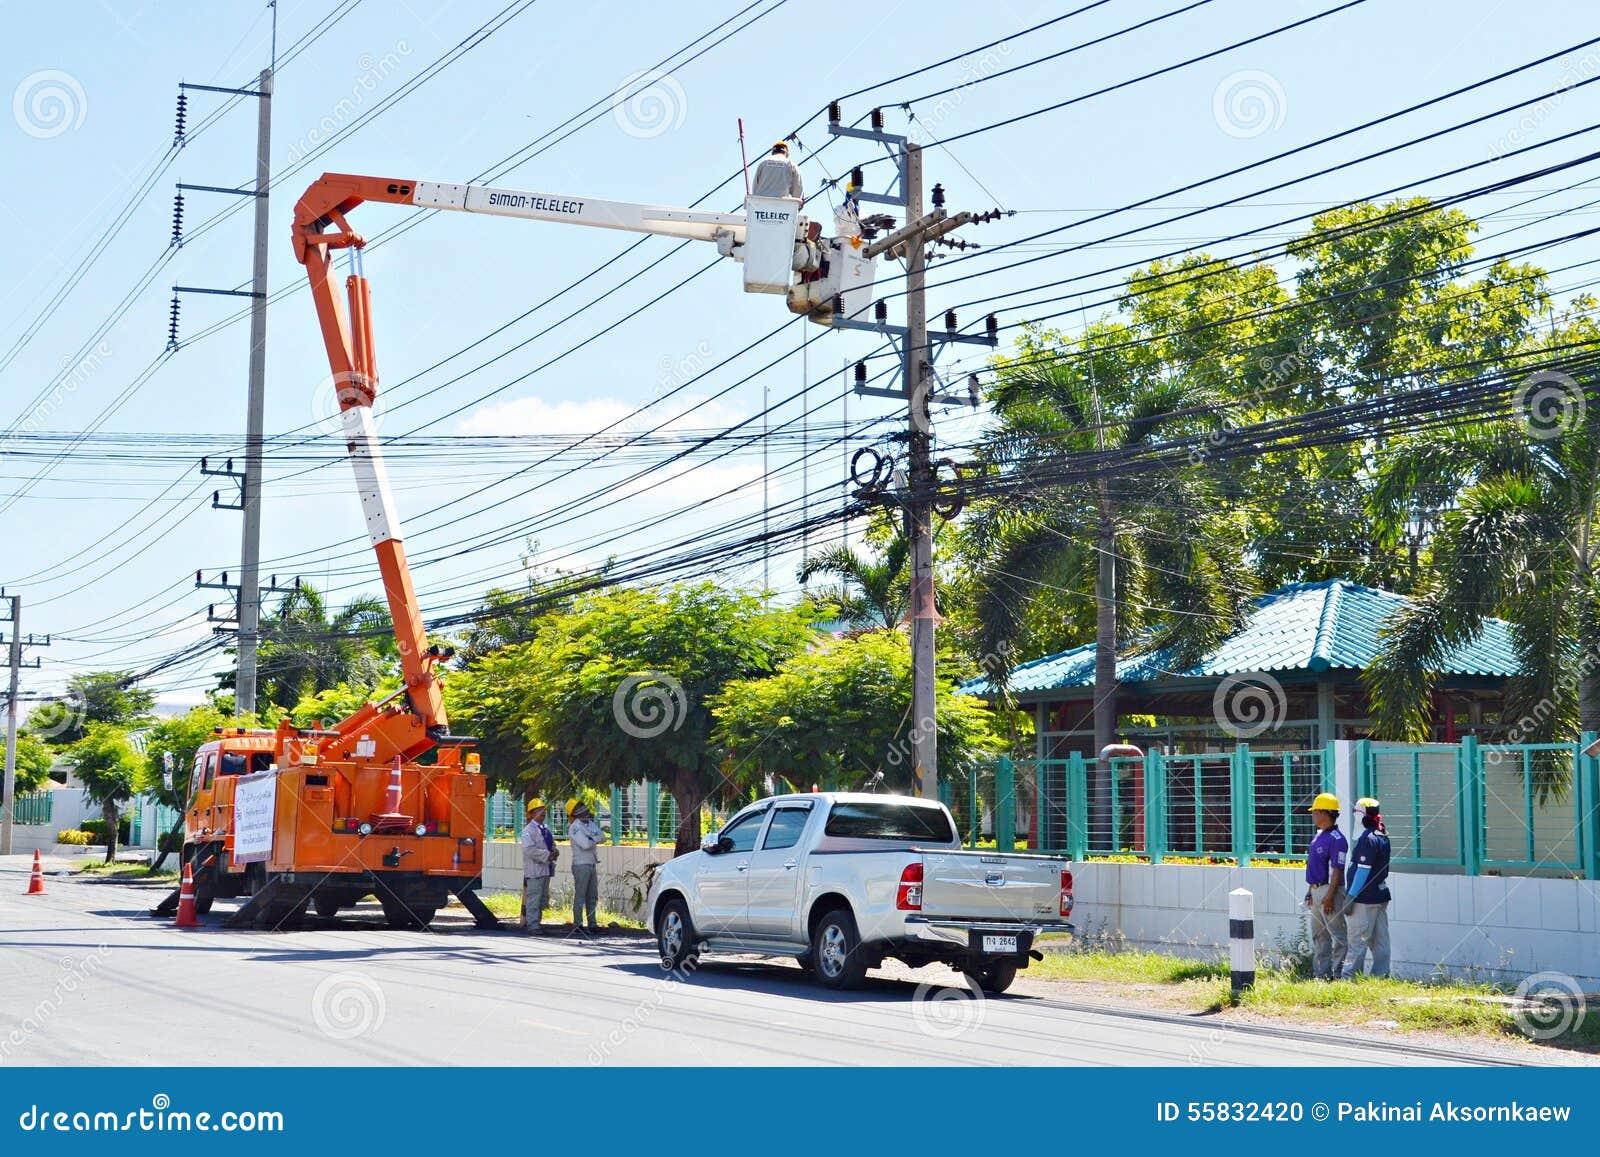 Inżyniery elektryczność w Thailand dźwignięciach up to załatwiają elektryczność